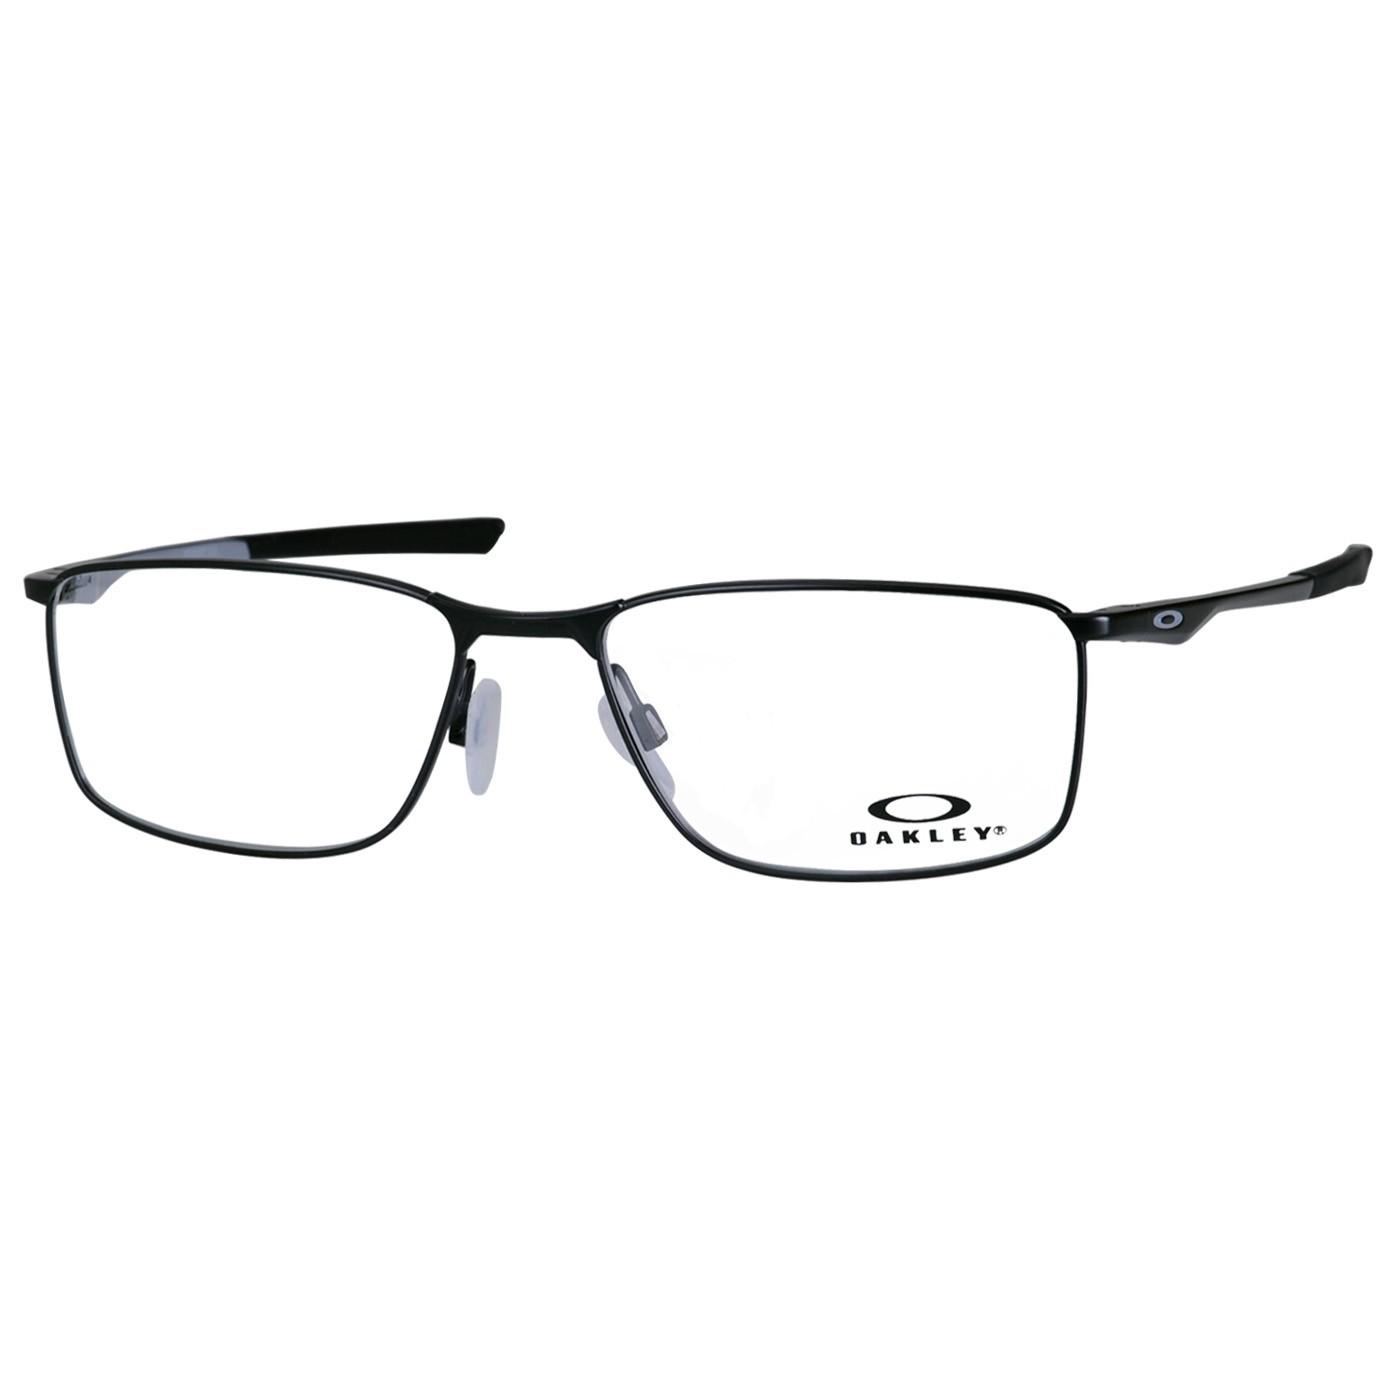 Armação de Óculos Oakley Socket 5.0 OX3217 Metal Preto Fosco